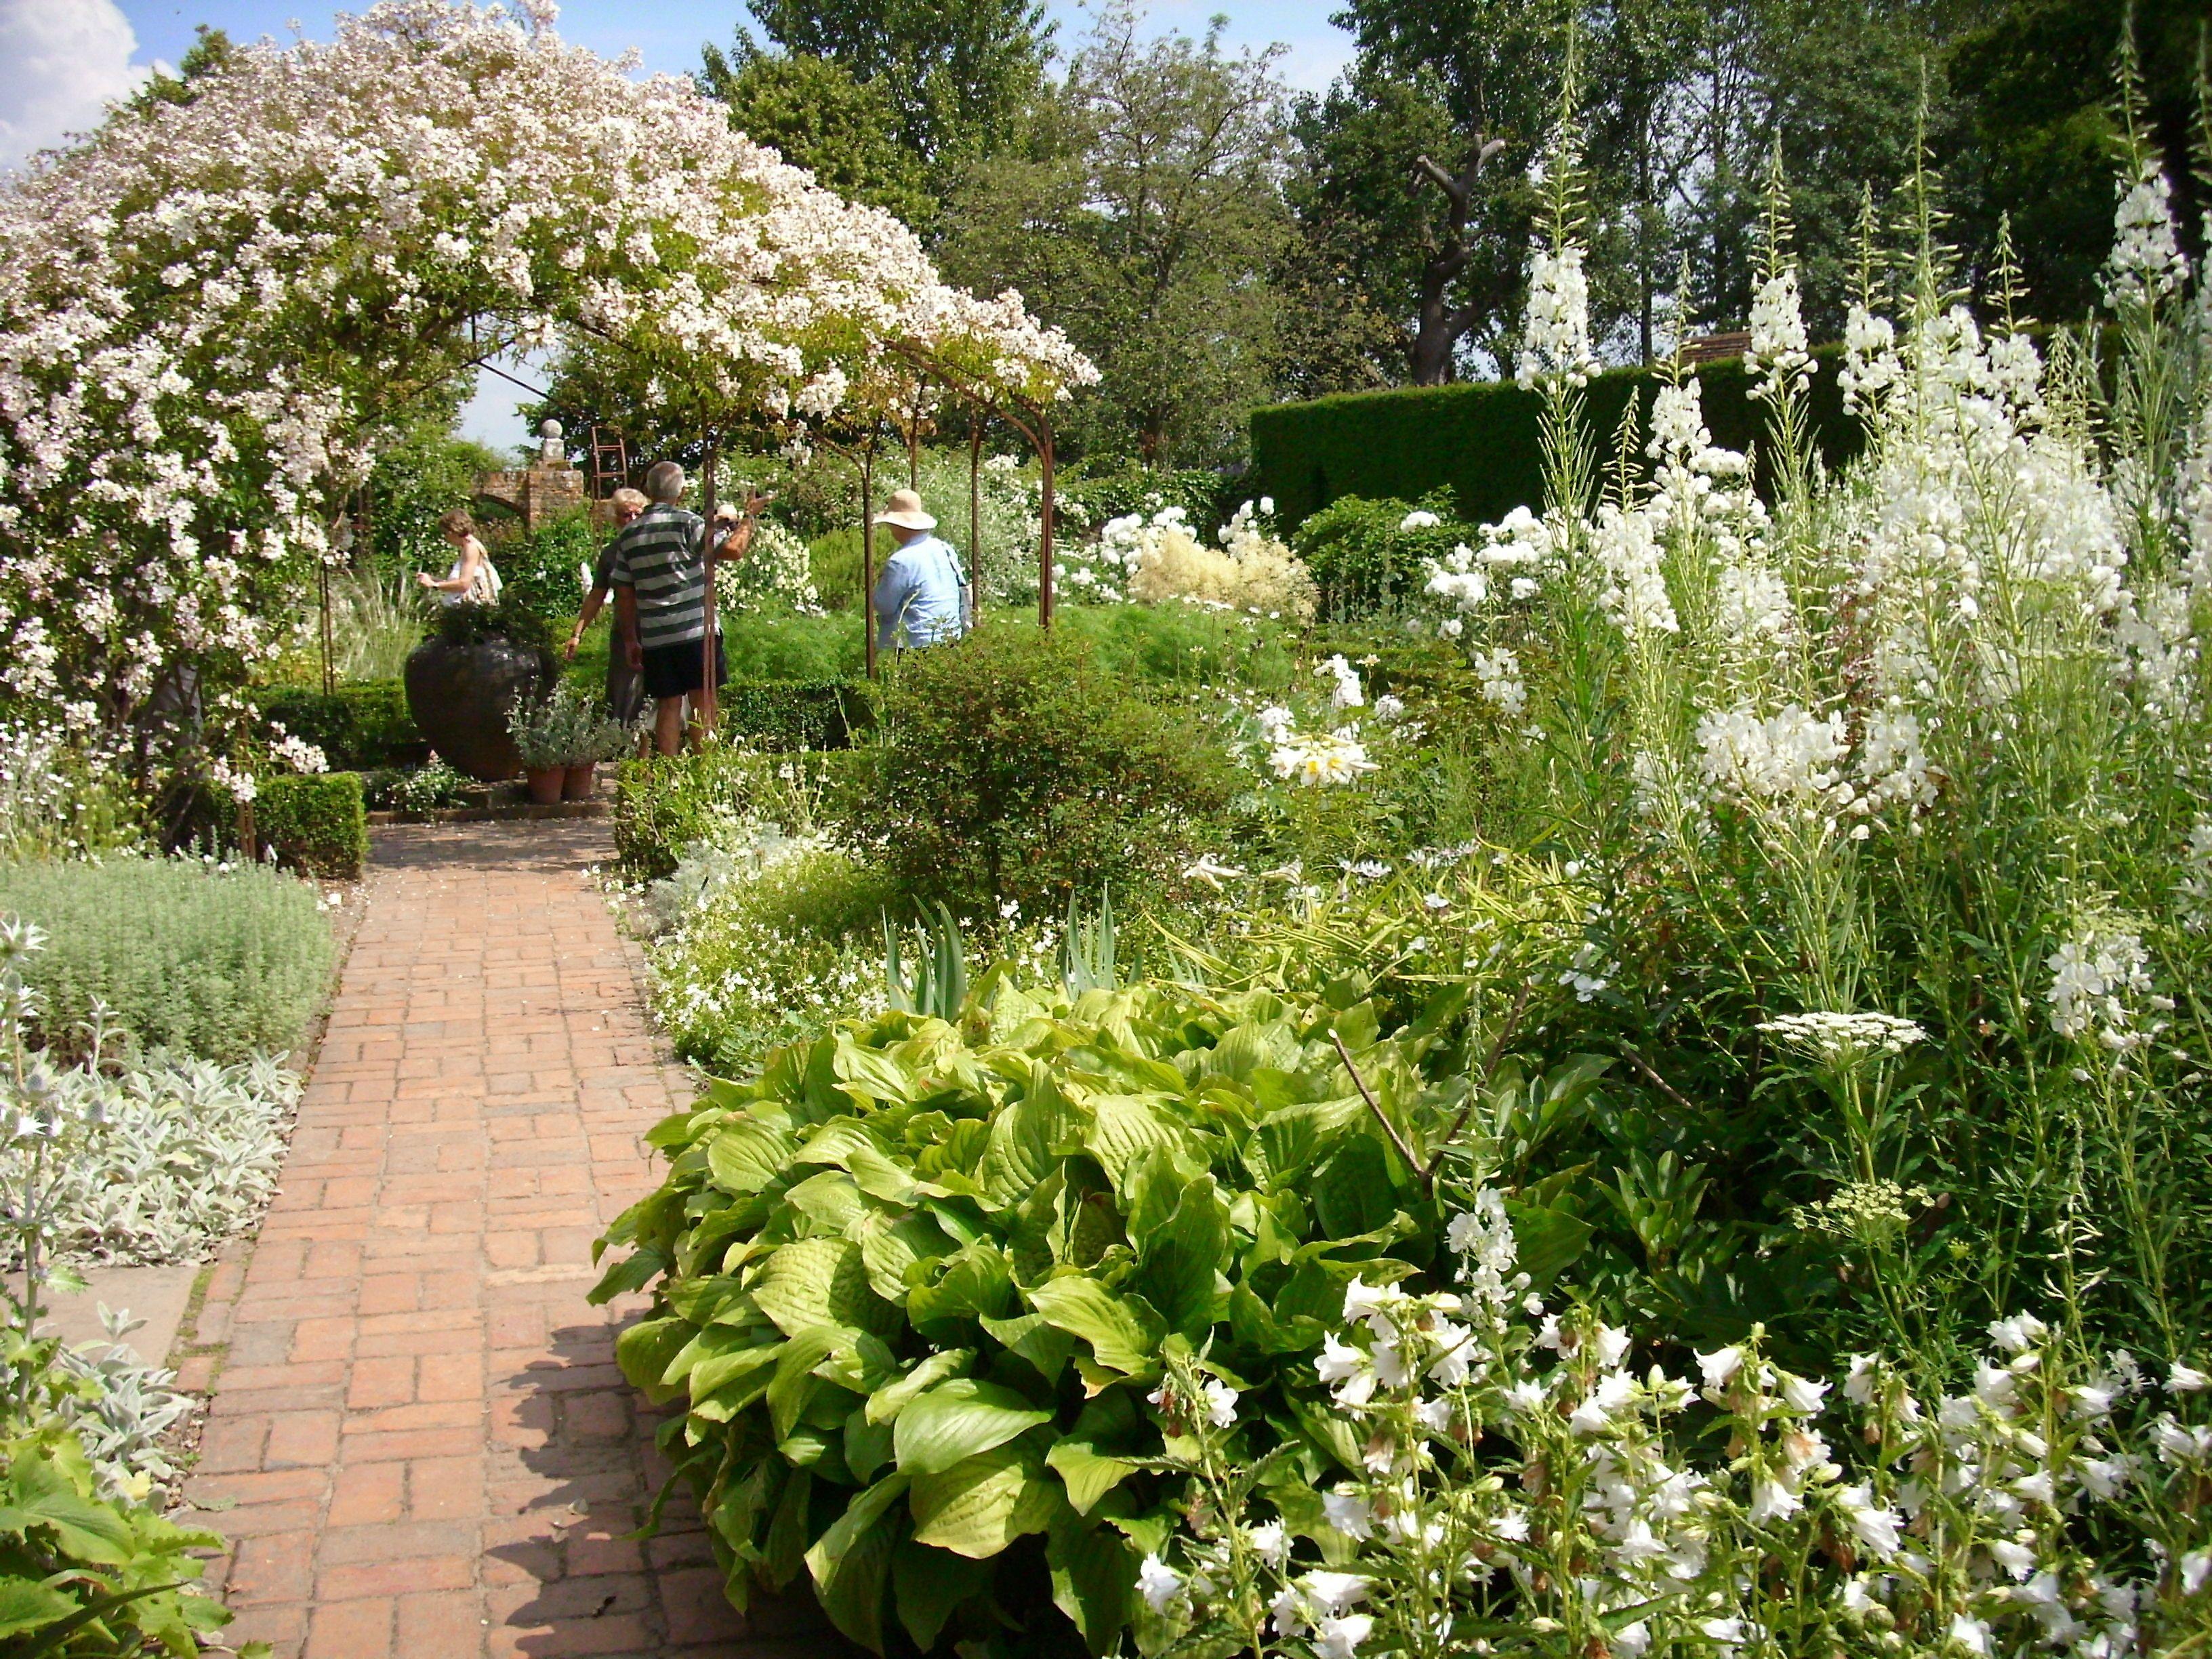 Weißer Garten sissinghurst weißer garten beim dritten besuch endlich wirklich